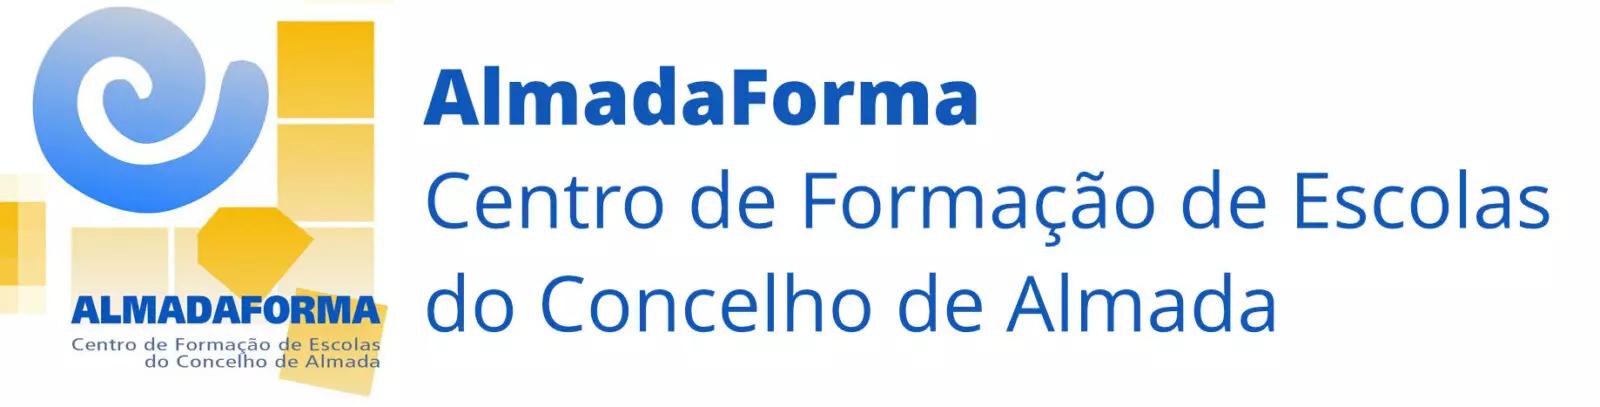 AlmadaForma